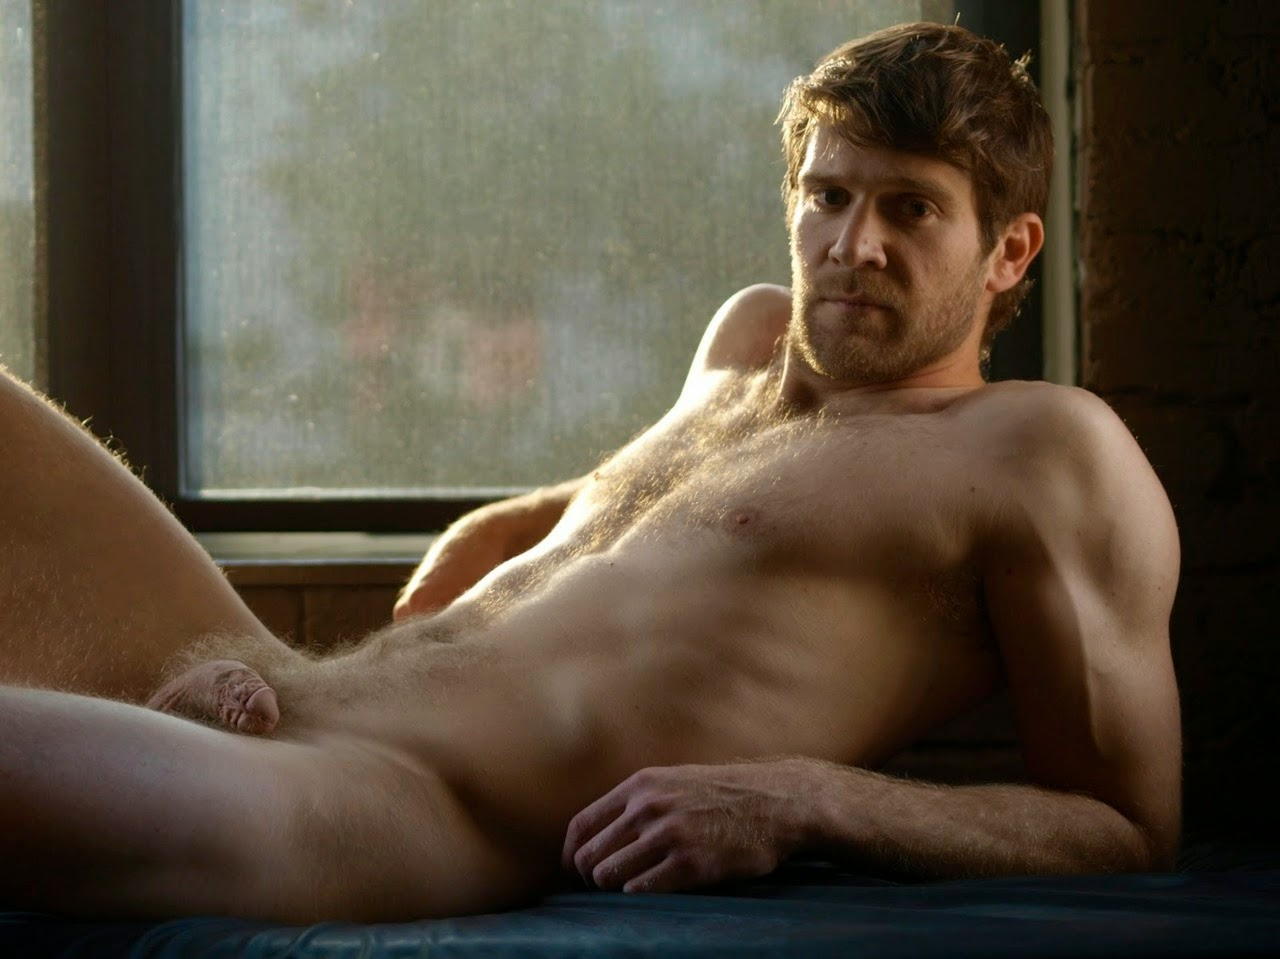 Gay male nude in films